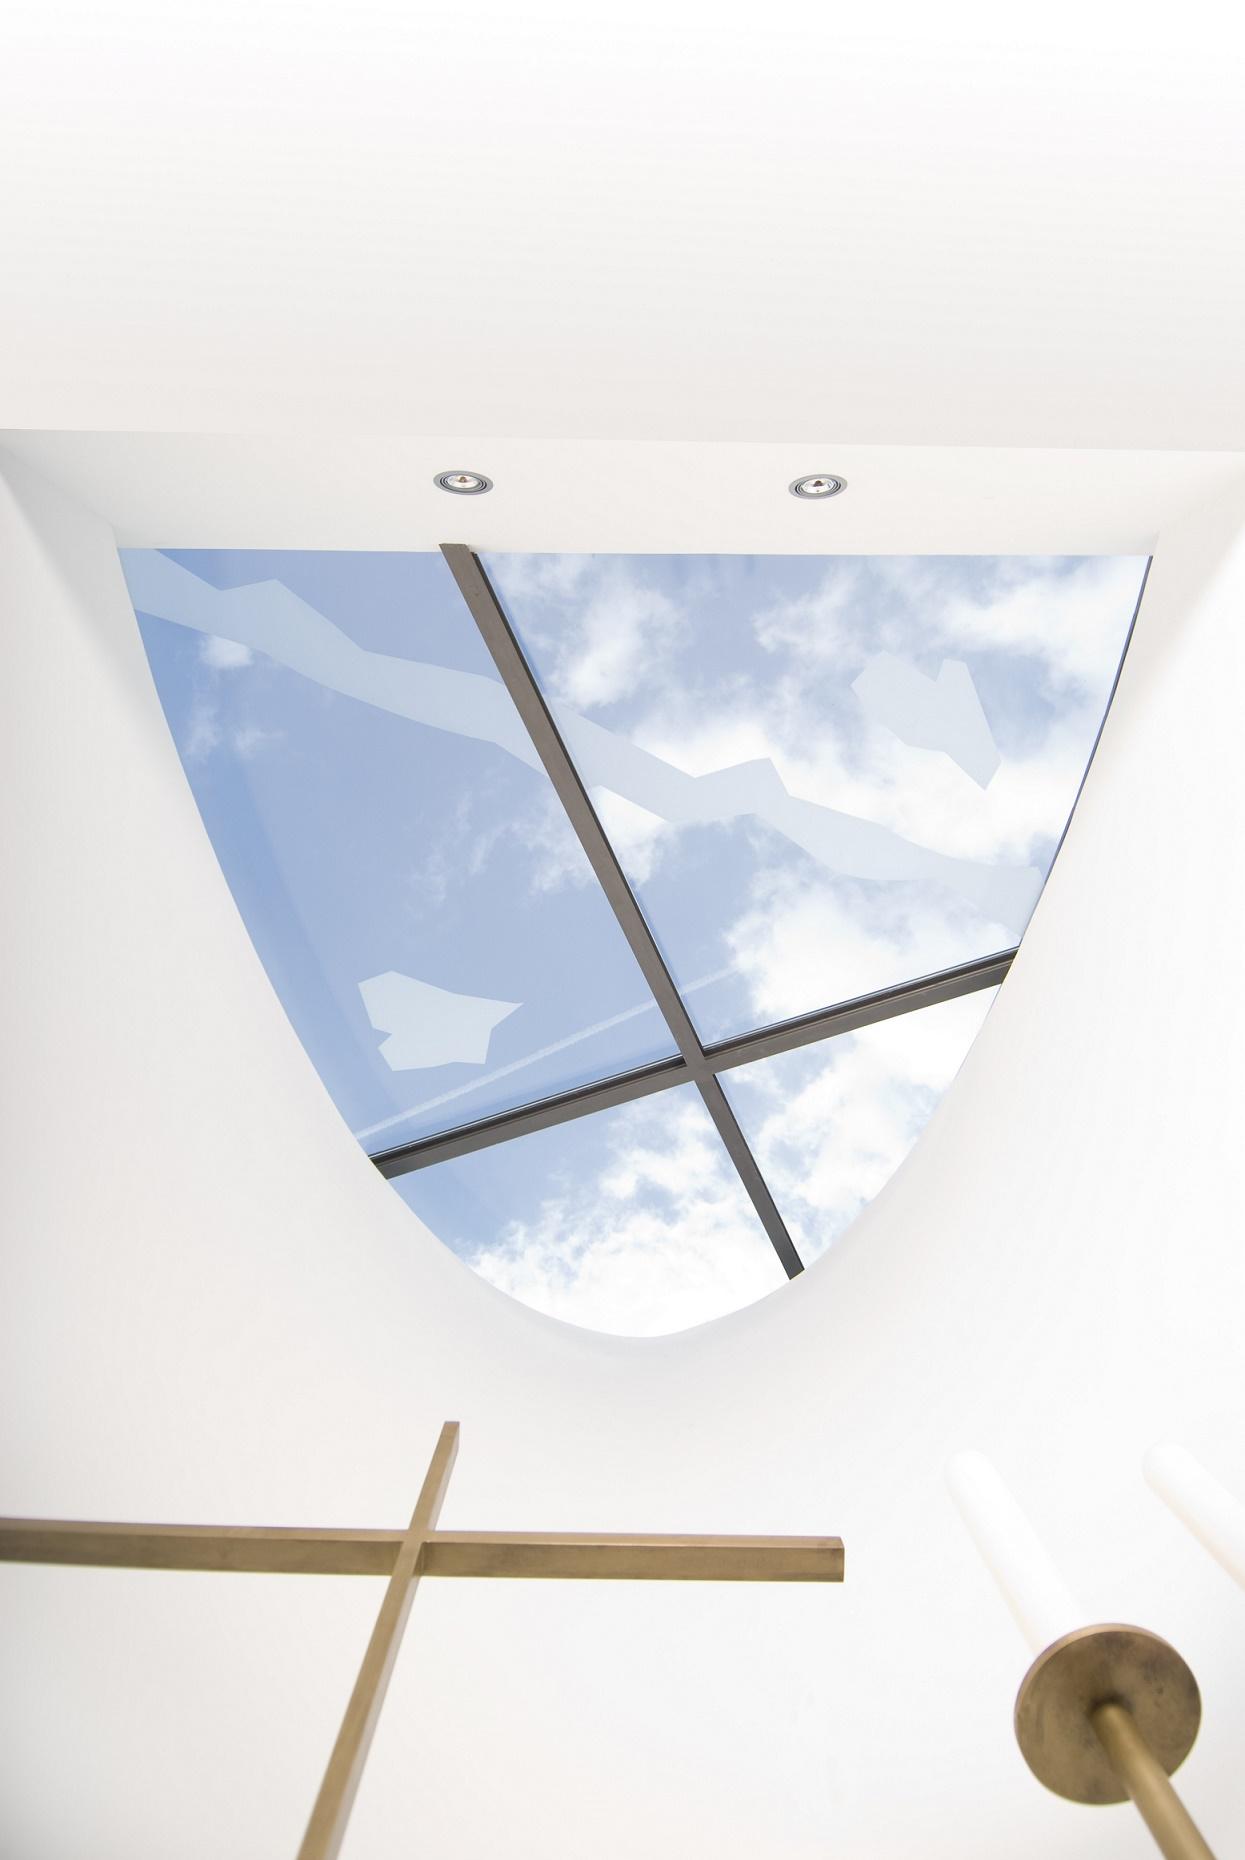 Schwerte | Kapelle von Haus Villigst | Innenraum | Foto: Haus Villigst, Schwerte